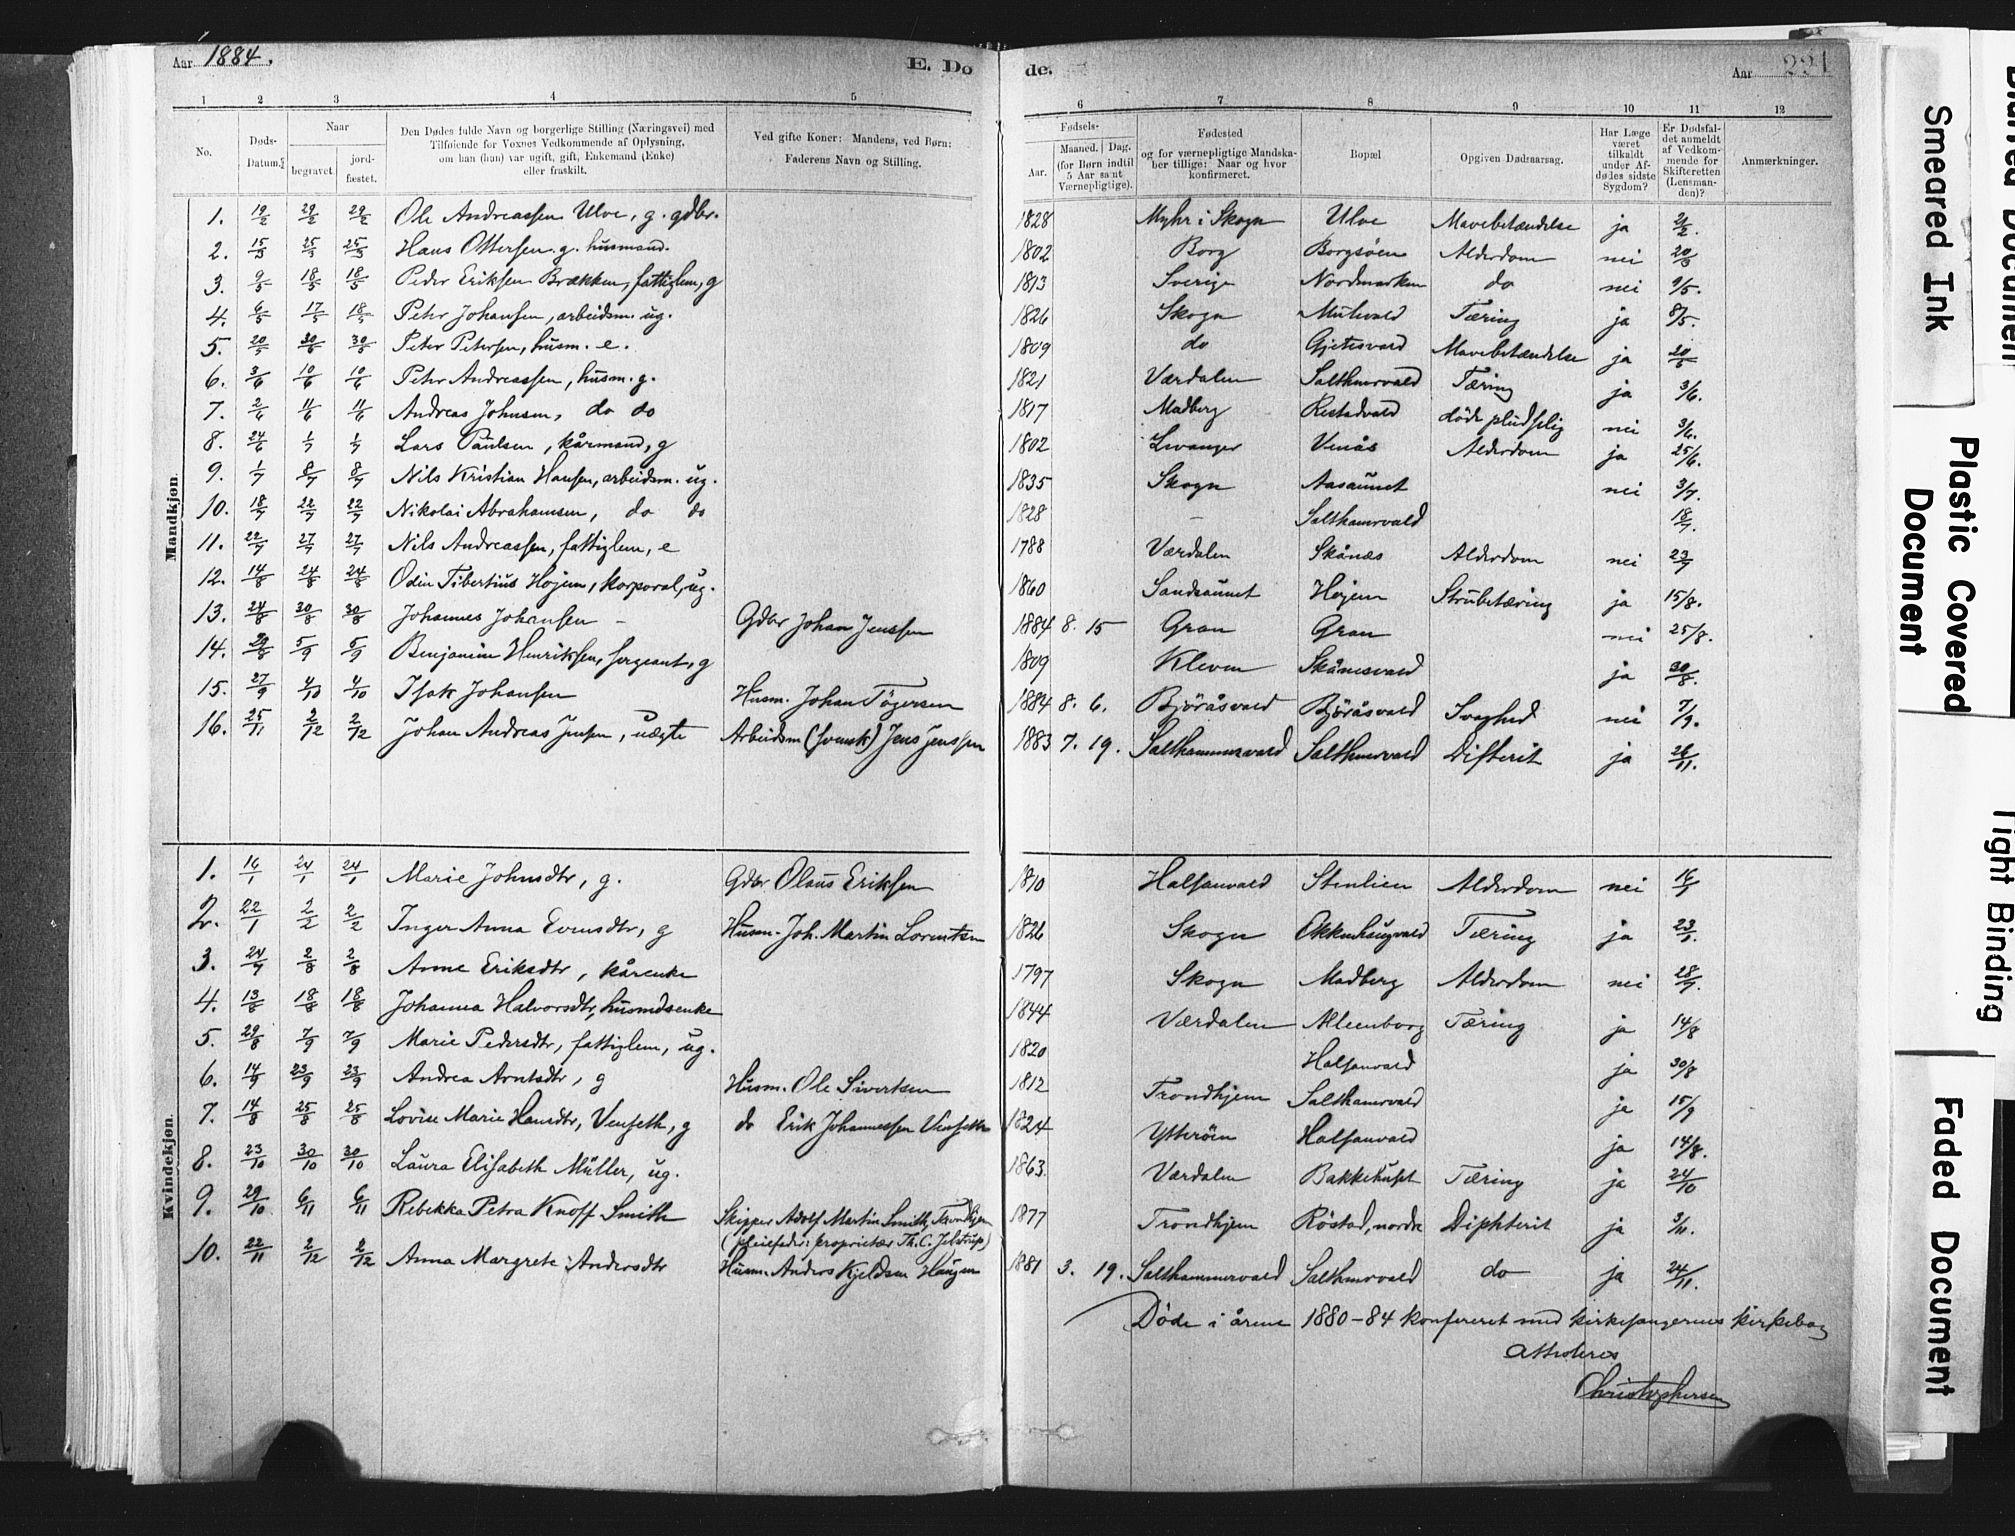 SAT, Ministerialprotokoller, klokkerbøker og fødselsregistre - Nord-Trøndelag, 721/L0207: Ministerialbok nr. 721A02, 1880-1911, s. 221